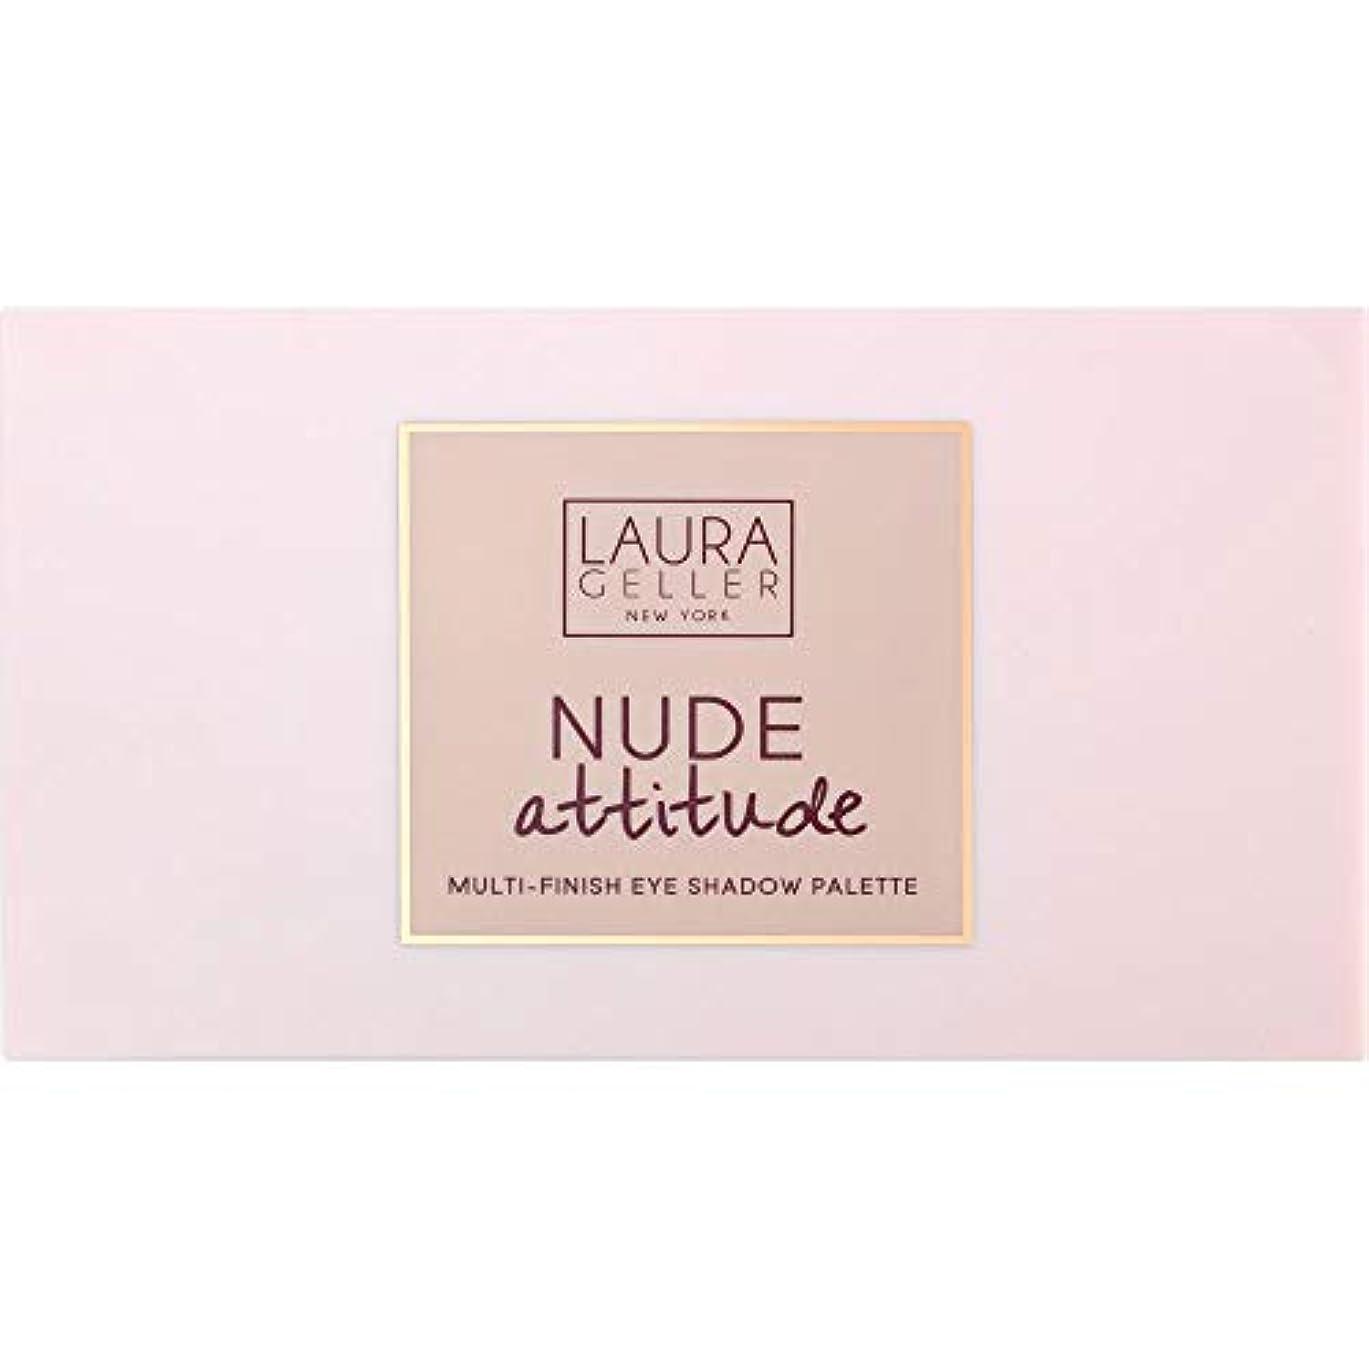 教えて痛み細断[Laura Geller ] ローラ?ゲラーヌード態度マルチフィニッシュアイシャドウパレット12×1.1グラム - Laura Geller Nude Attitude Multi-Finish Eye Shadow Palette 12 x 1.1g [並行輸入品]